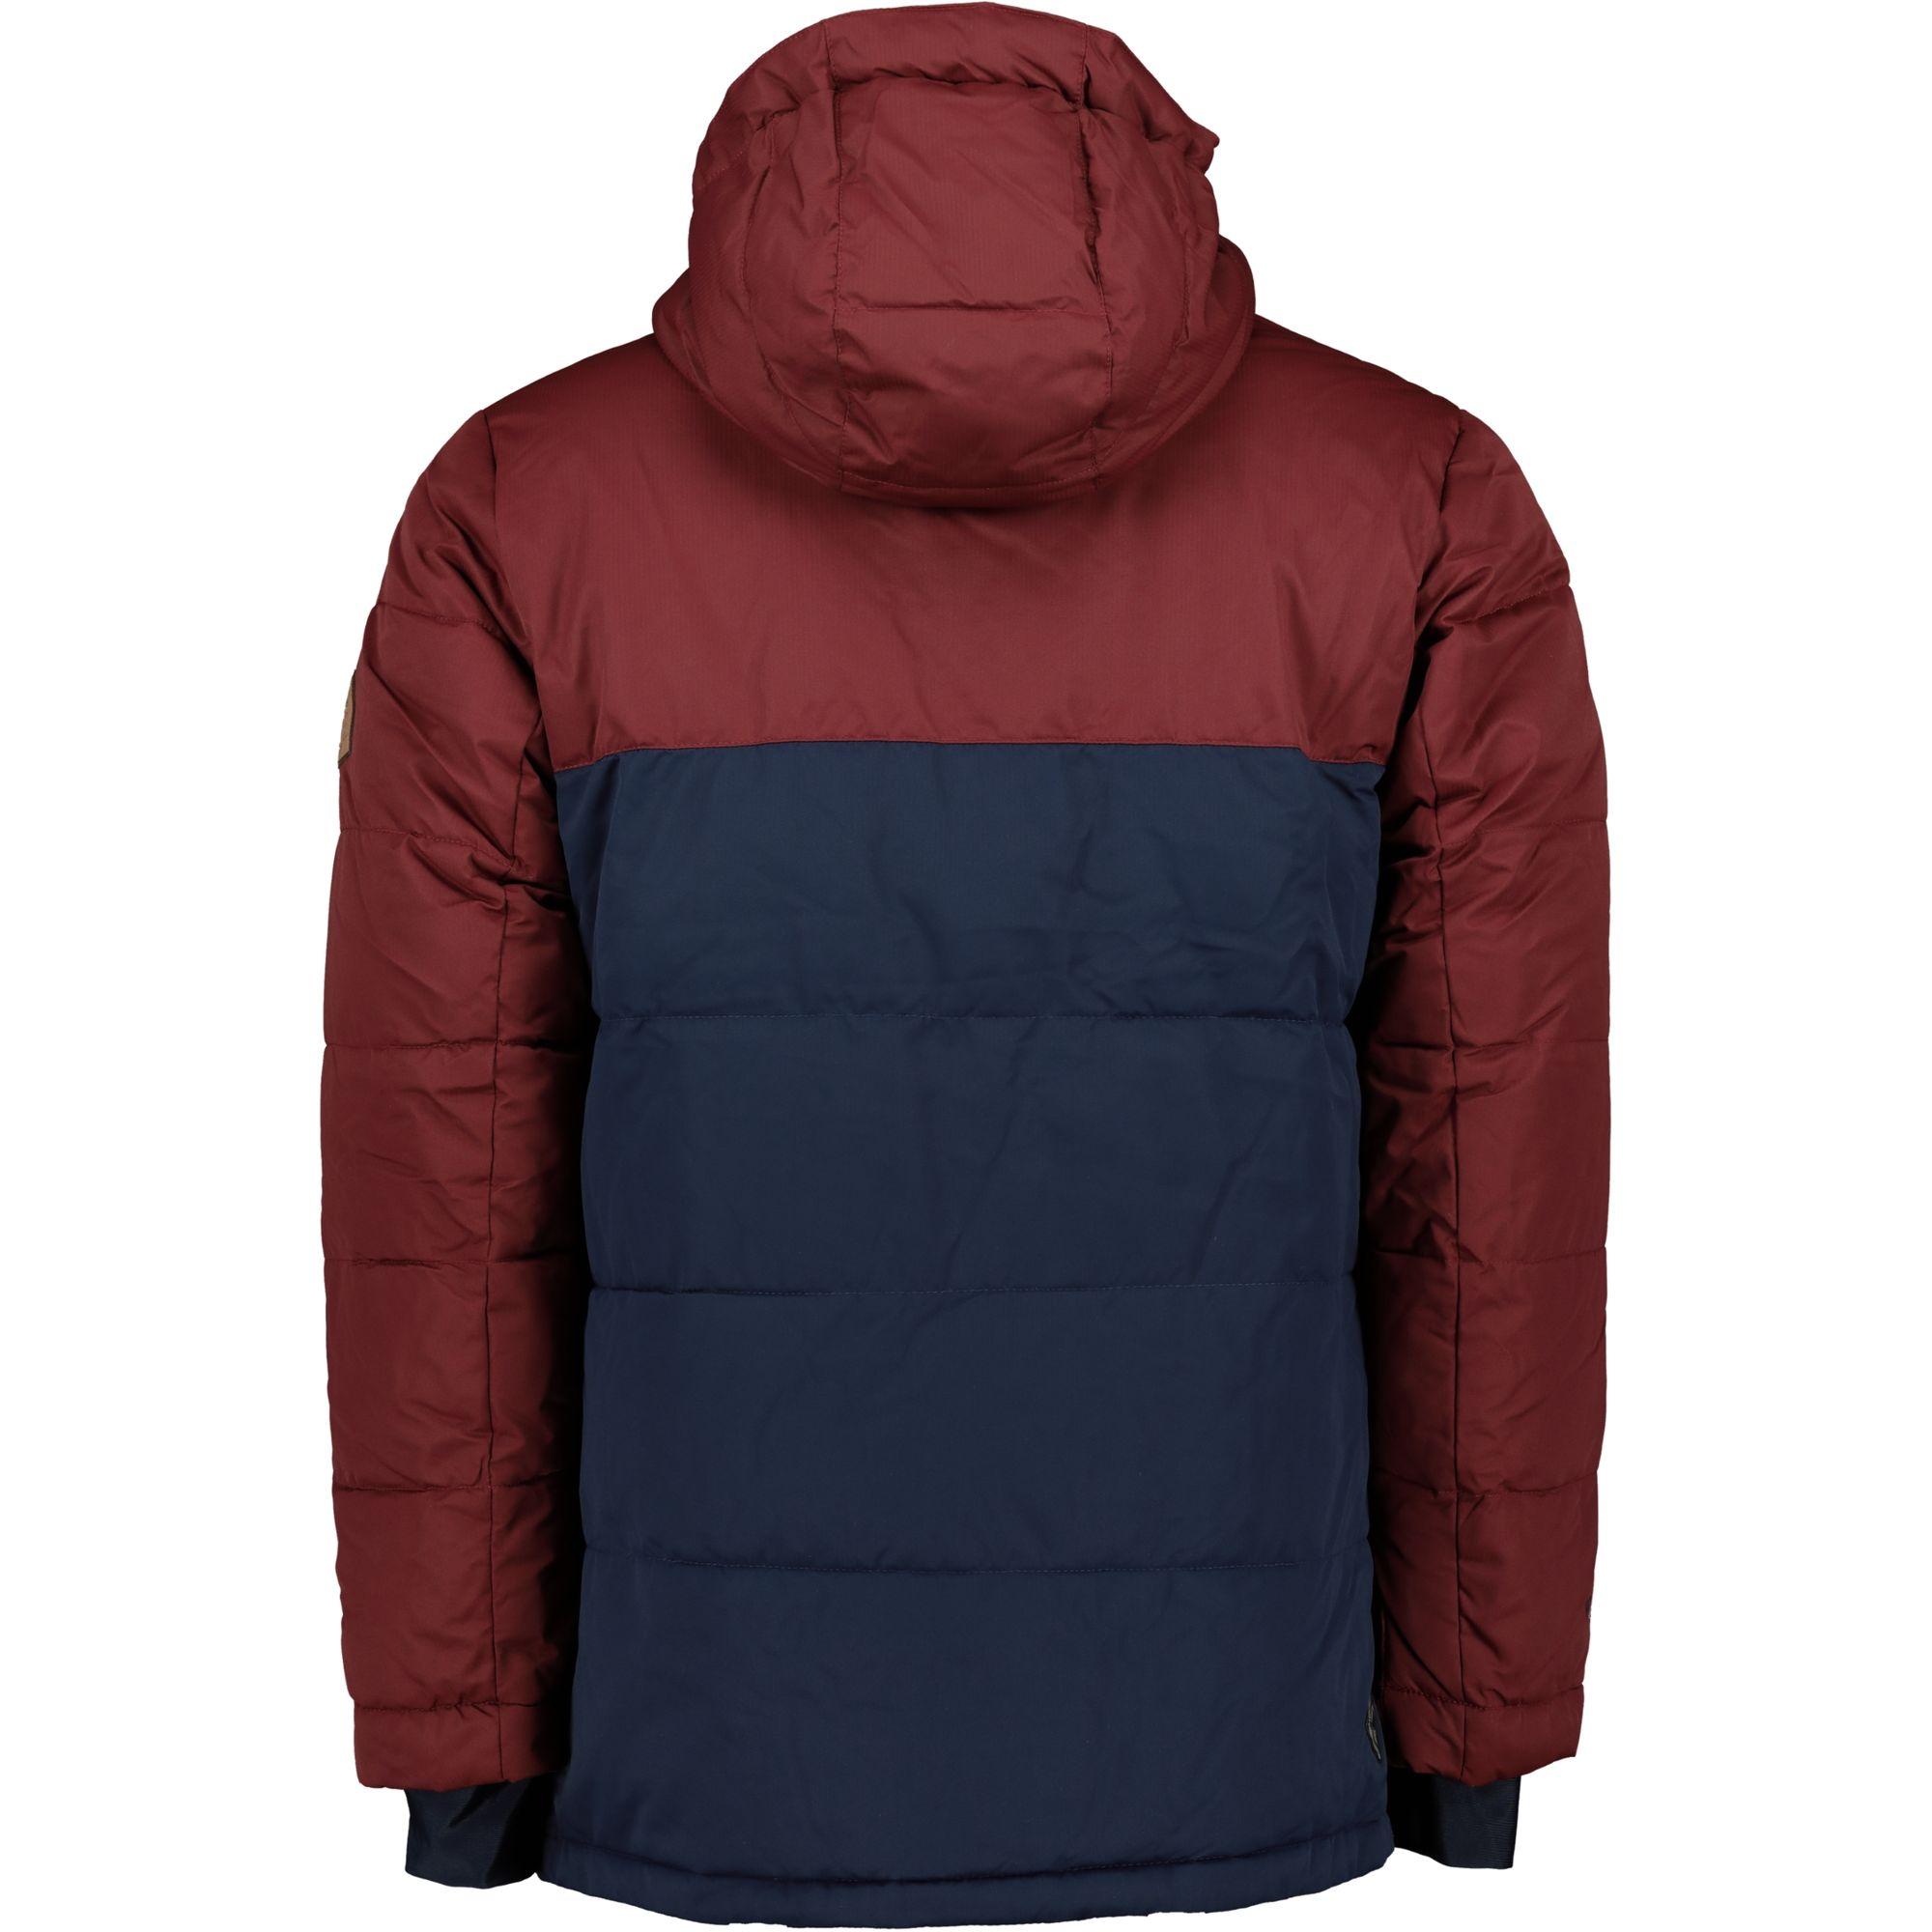 Outlet Store Verkauf aktuelles Styling sale Firefly Jungen Snowboardjacke Tyson II Red Wine/Navy Dark